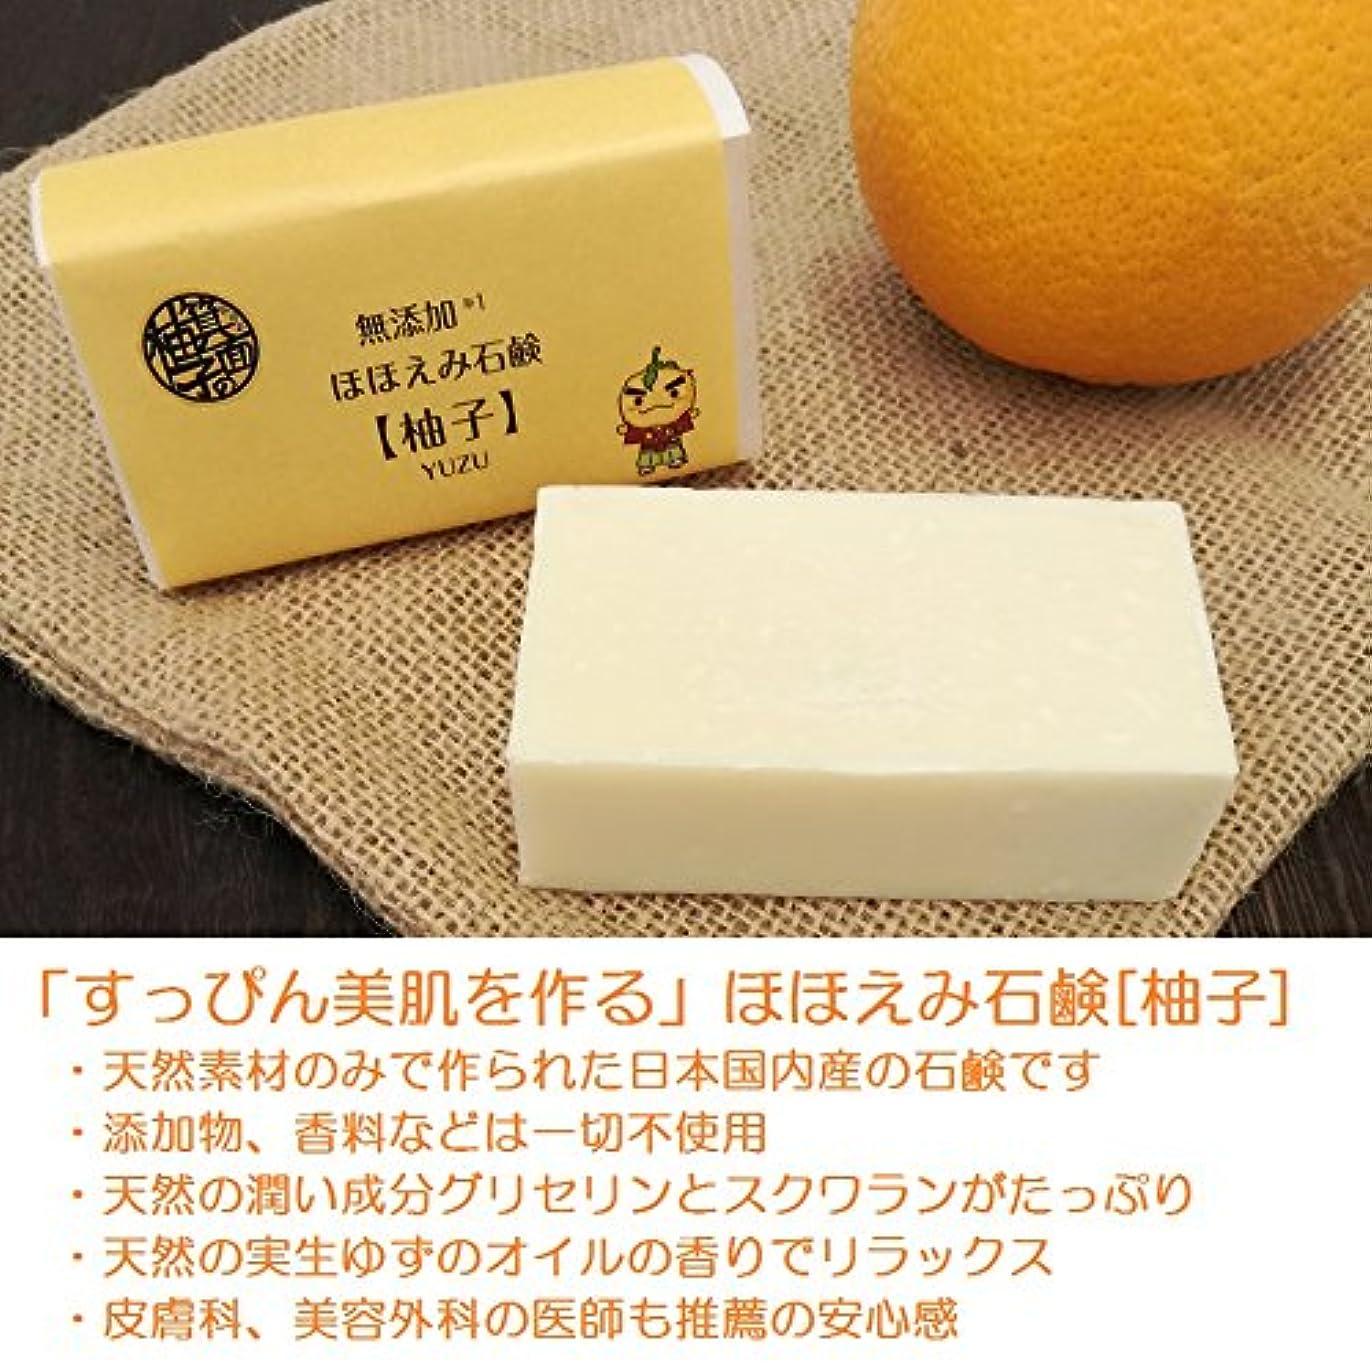 期限プラグすっぴん美肌を作る ほほえみ石鹸 柚子 オリーブオイル 無添加 オーガニック 日本製 80g